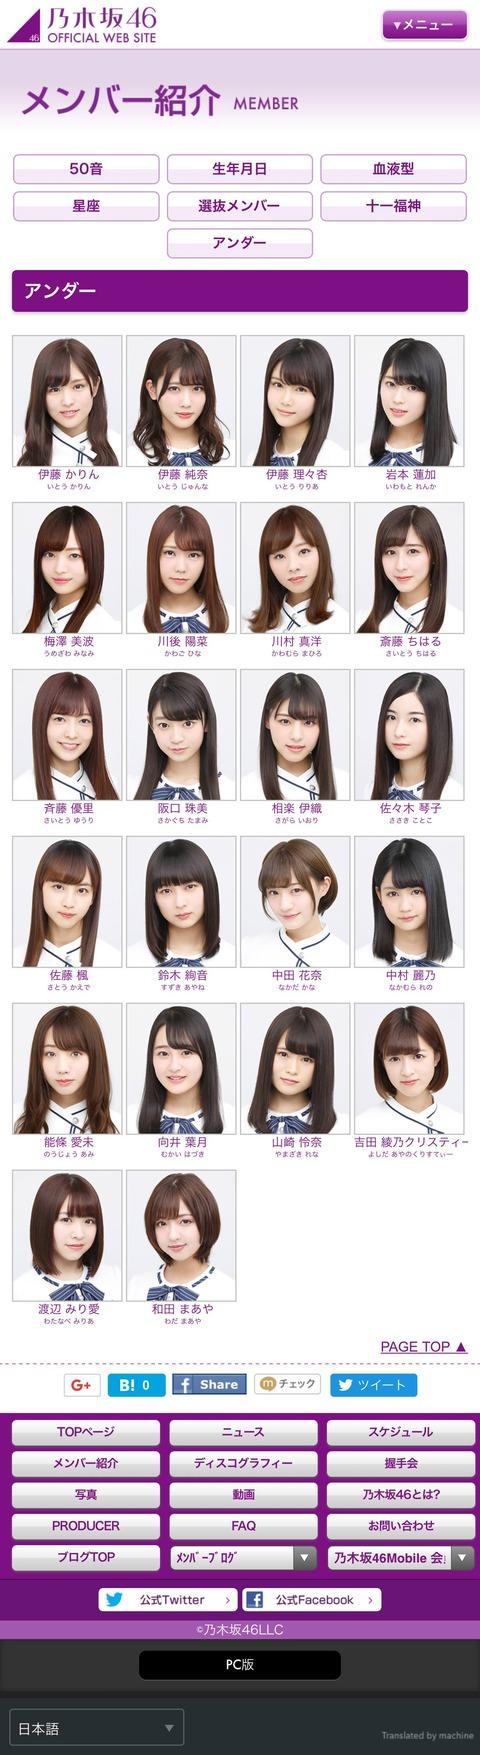 【乃木坂46】3期生 公式サイト『メンバー紹介』でアンダーメンバーに合流されている模様!